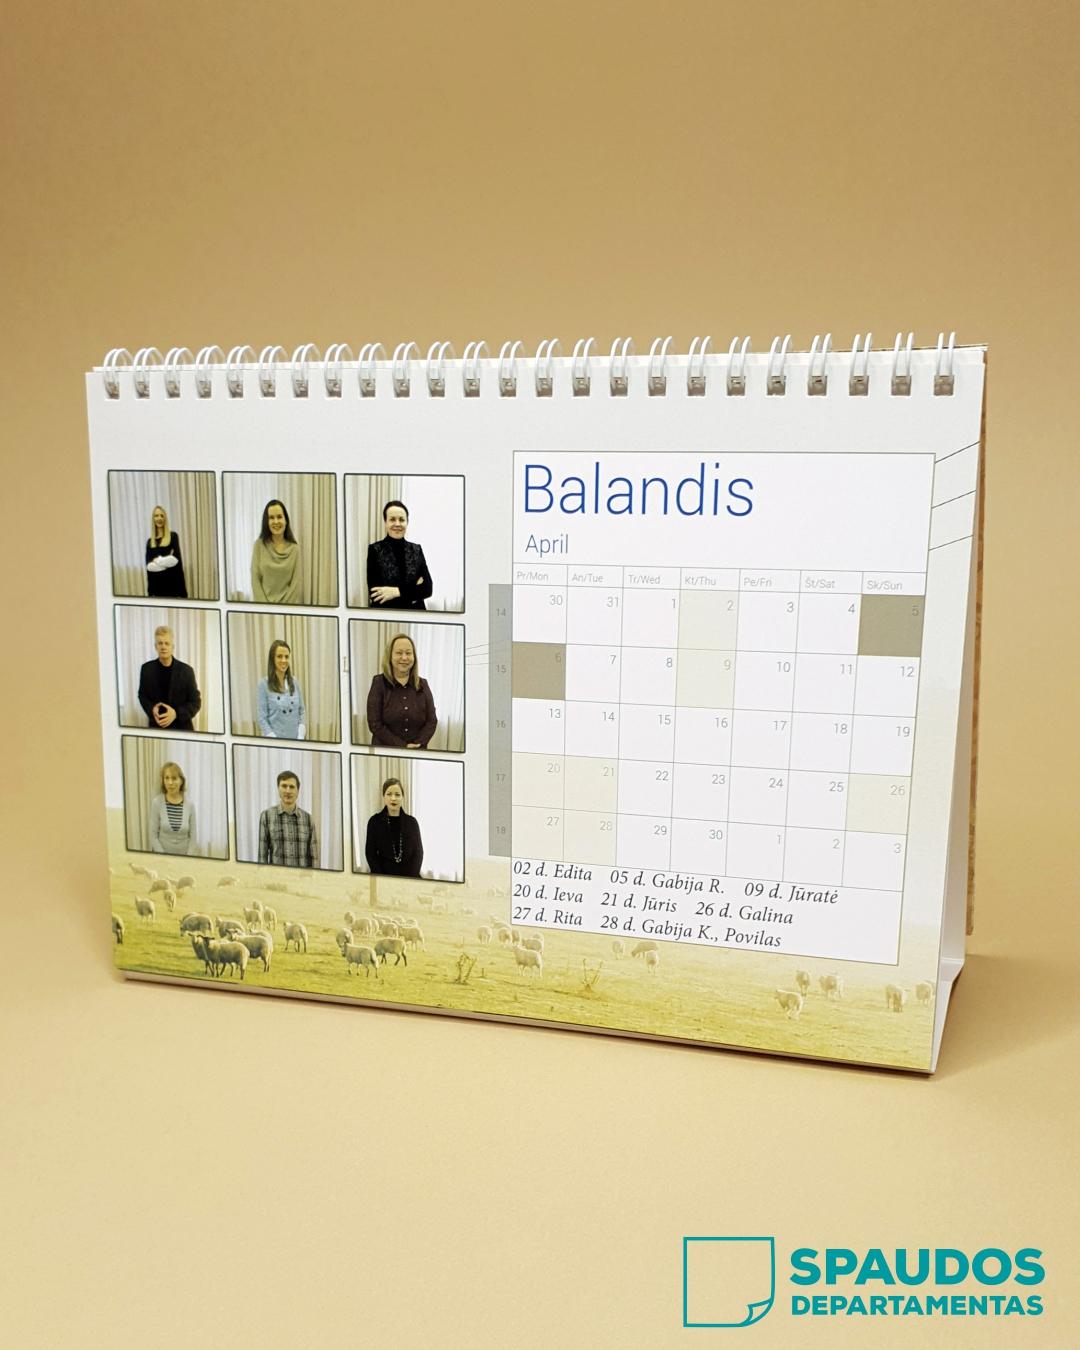 Staliniai kalendoriai